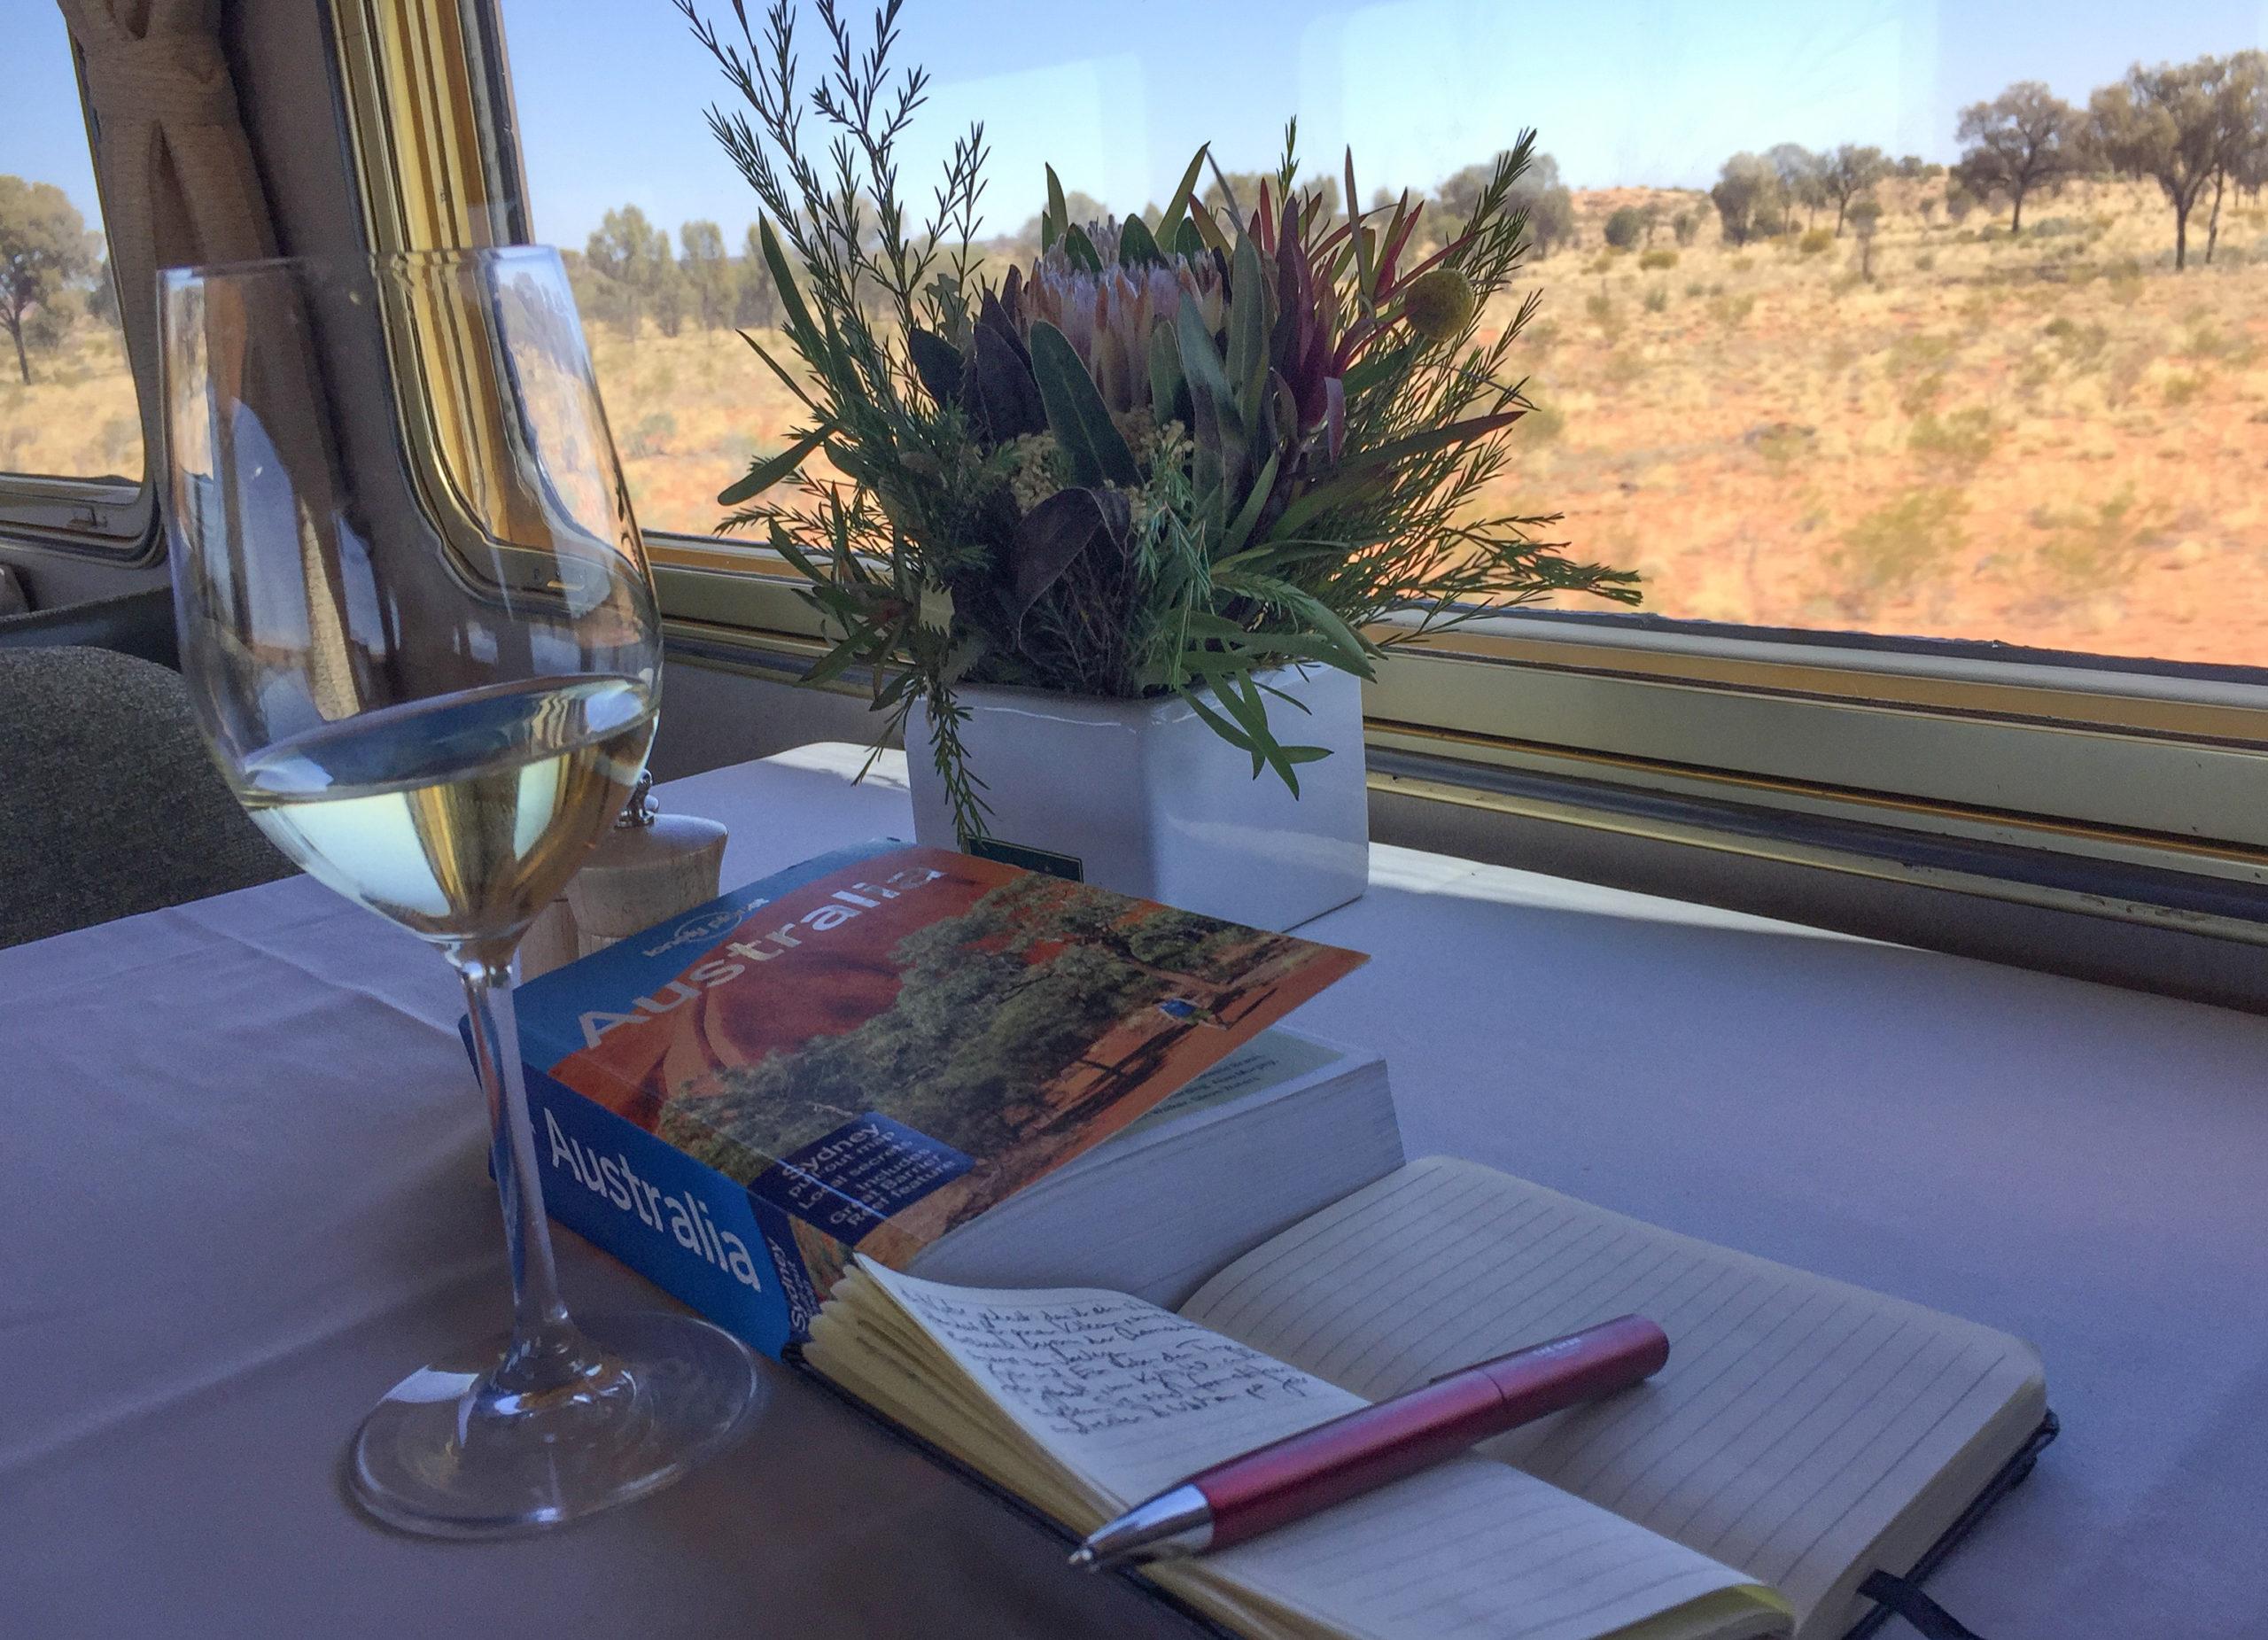 Notibuch, Reiseführer und ein Glas Wein im Speisewagen von The Ghan